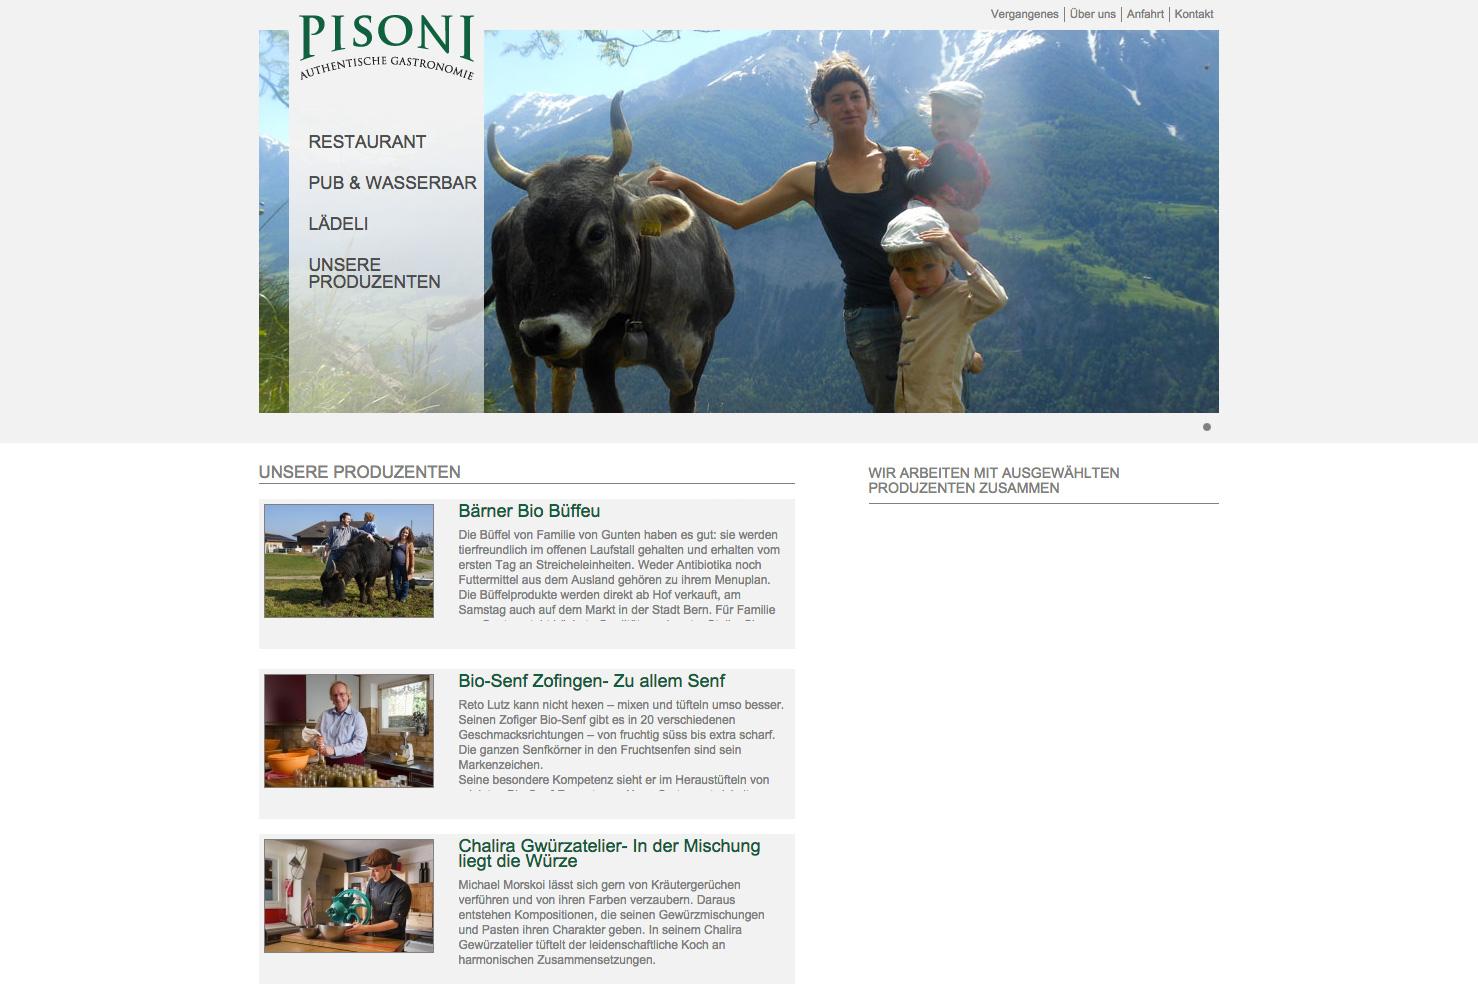 Bild 3 vom Pisoni Webseite